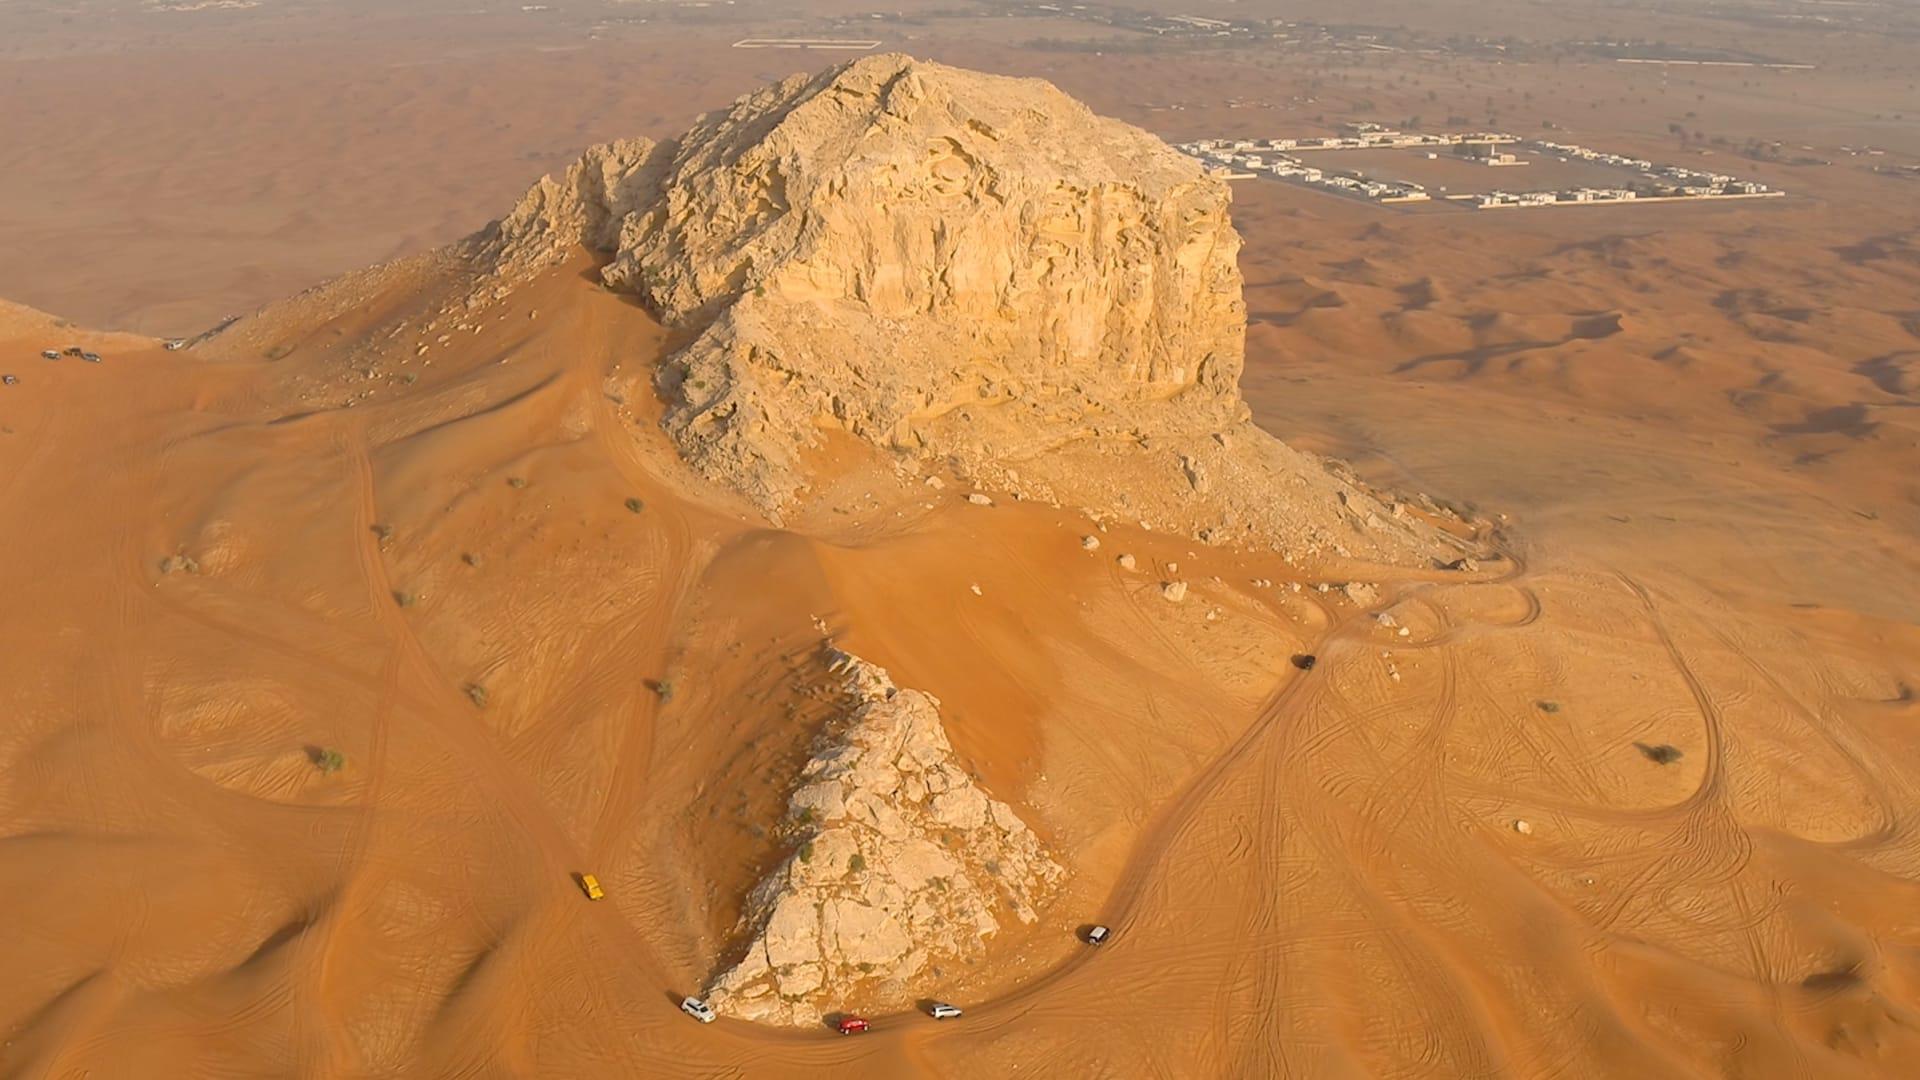 كانت هذه المنطقة بالإمارات قاعاً بحرياً منذ ملايين الأعوام.. وهذه الصخرة دليل على ذلك